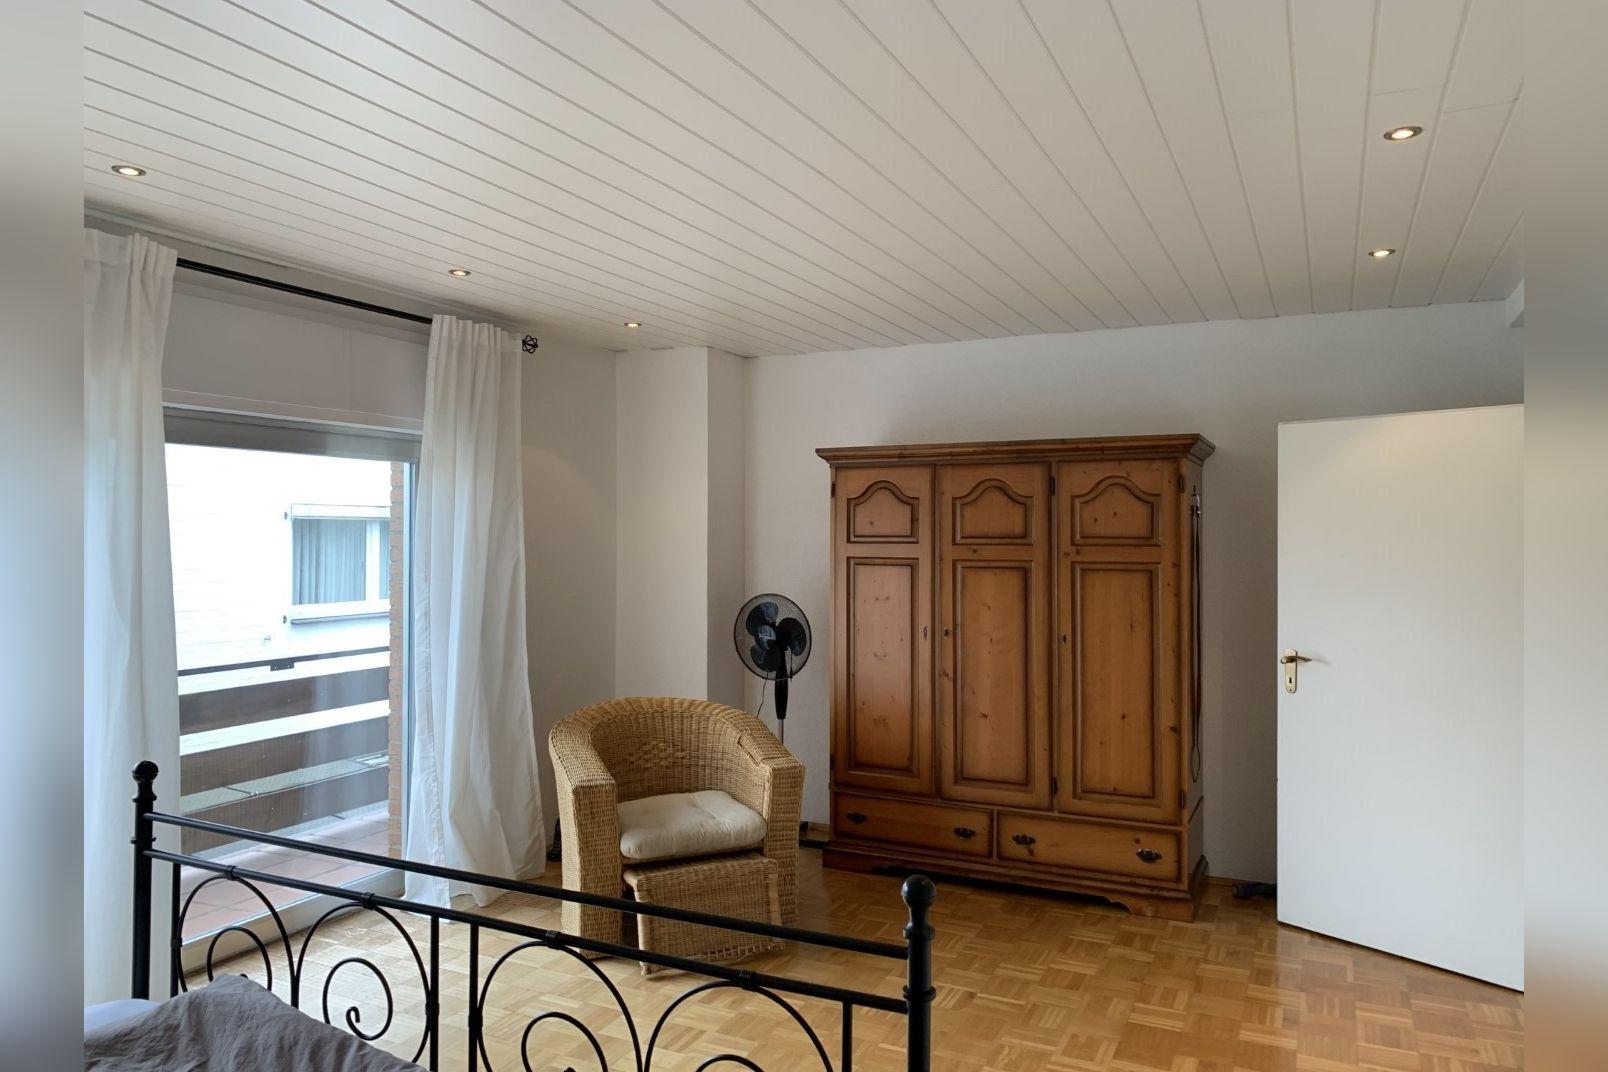 Immobilie Nr.0260 - Einfamilienhaus, zum 2-FH erweiterbar. Spitzboden als zusätzl. Ausbaureserve - Bild 13.jpg